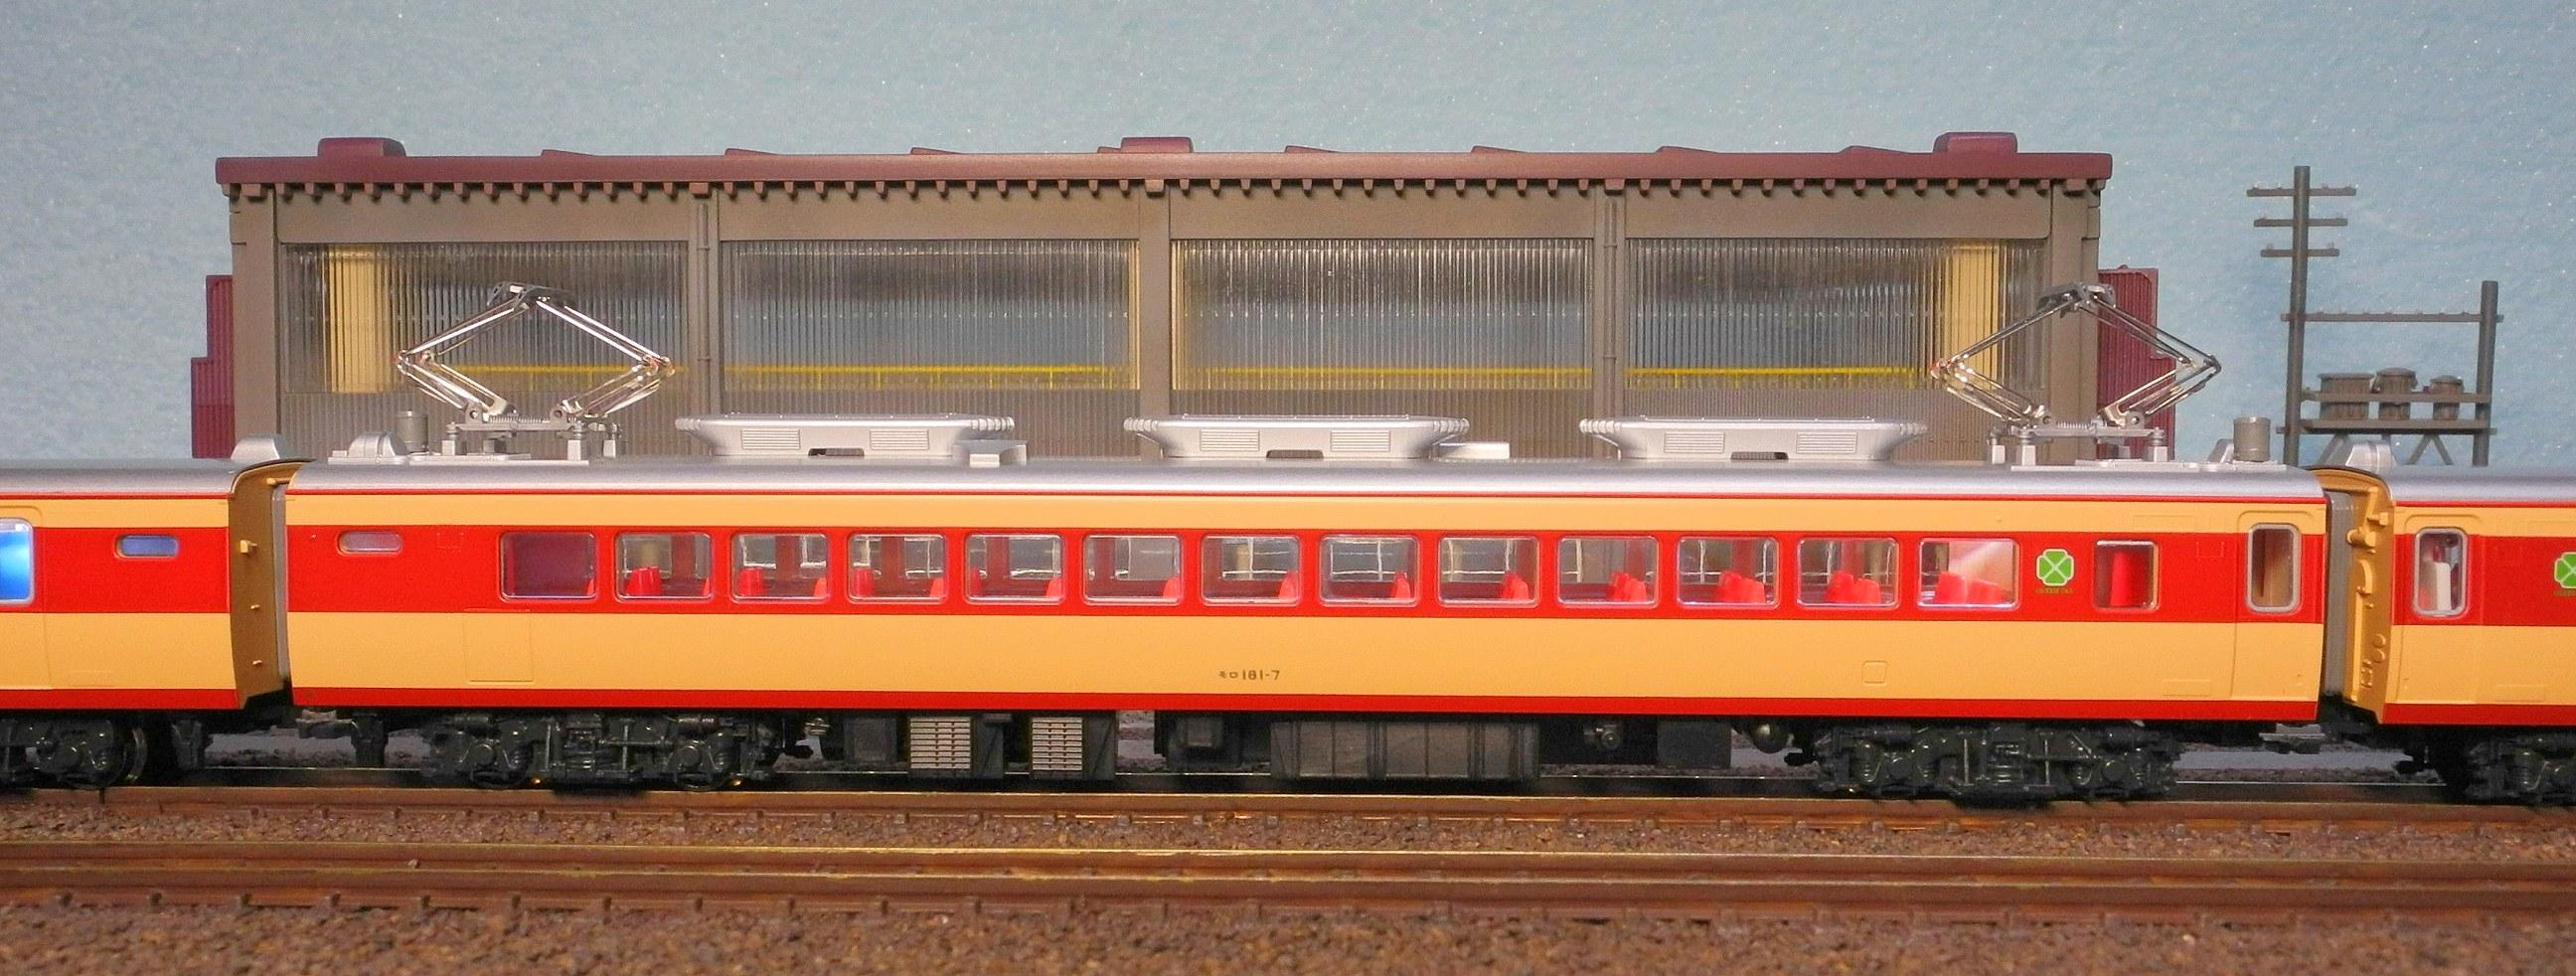 DSCN7954-1.jpg